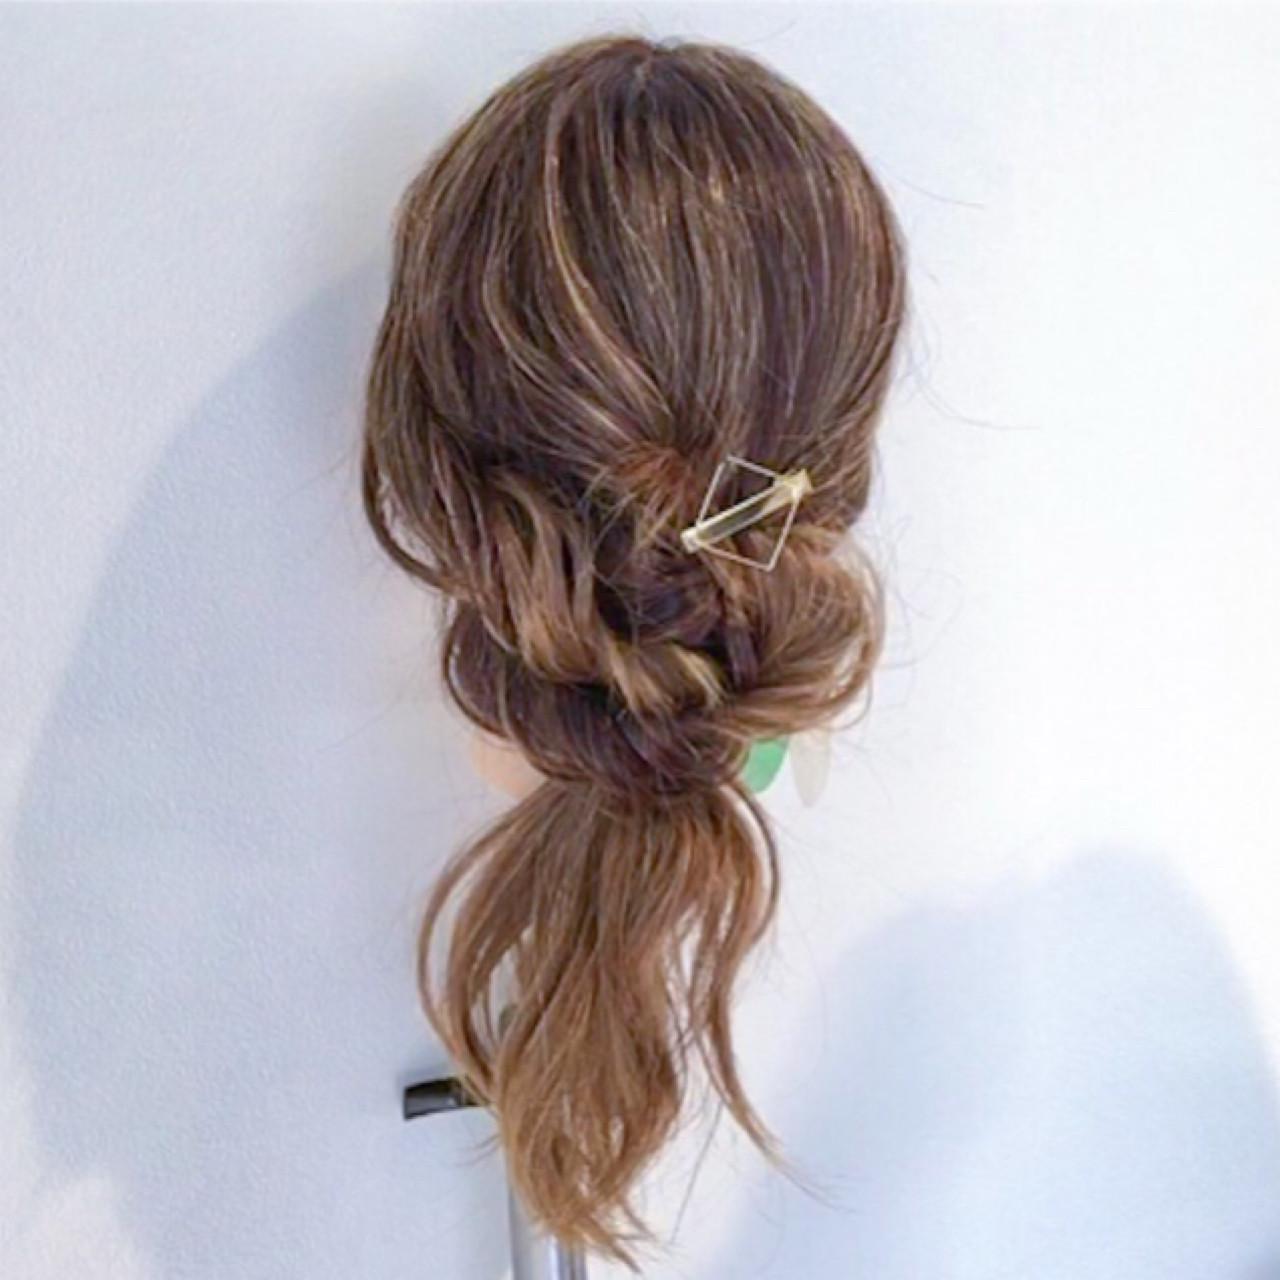 セミロング デート ナチュラル 女子会 ヘアスタイルや髪型の写真・画像 | 美容師HIRO/Amoute代表 / Amoute/アムティ